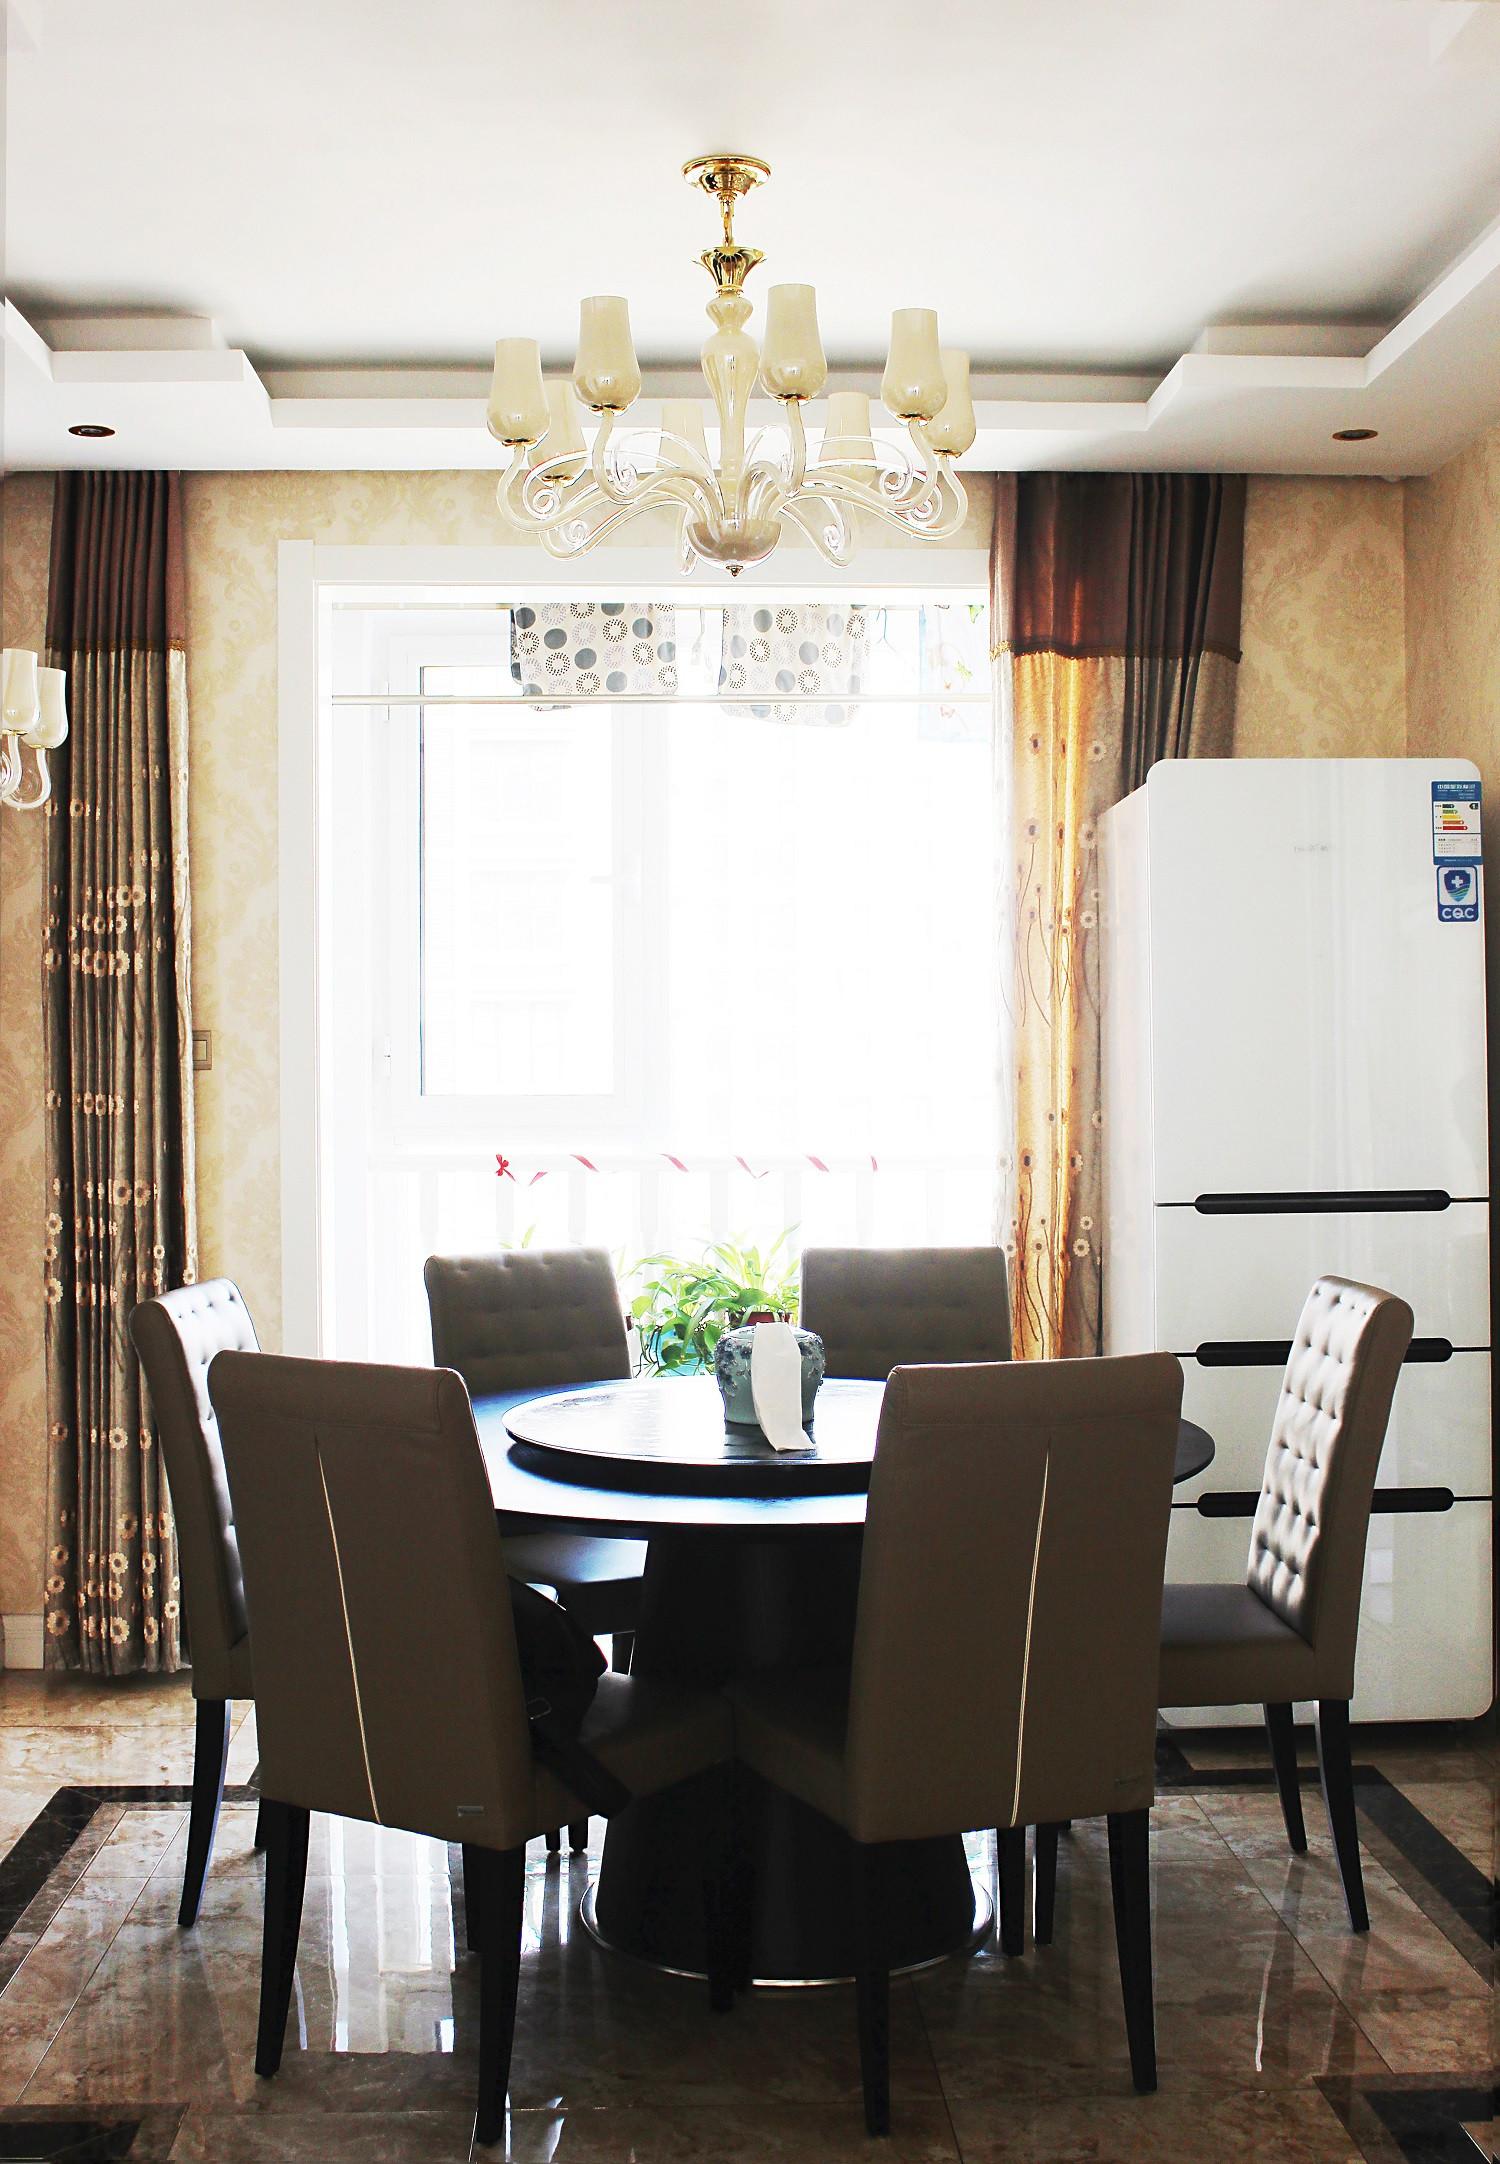 欧式风格家具富裕型中式衣柜图片_齐家网装修效果图